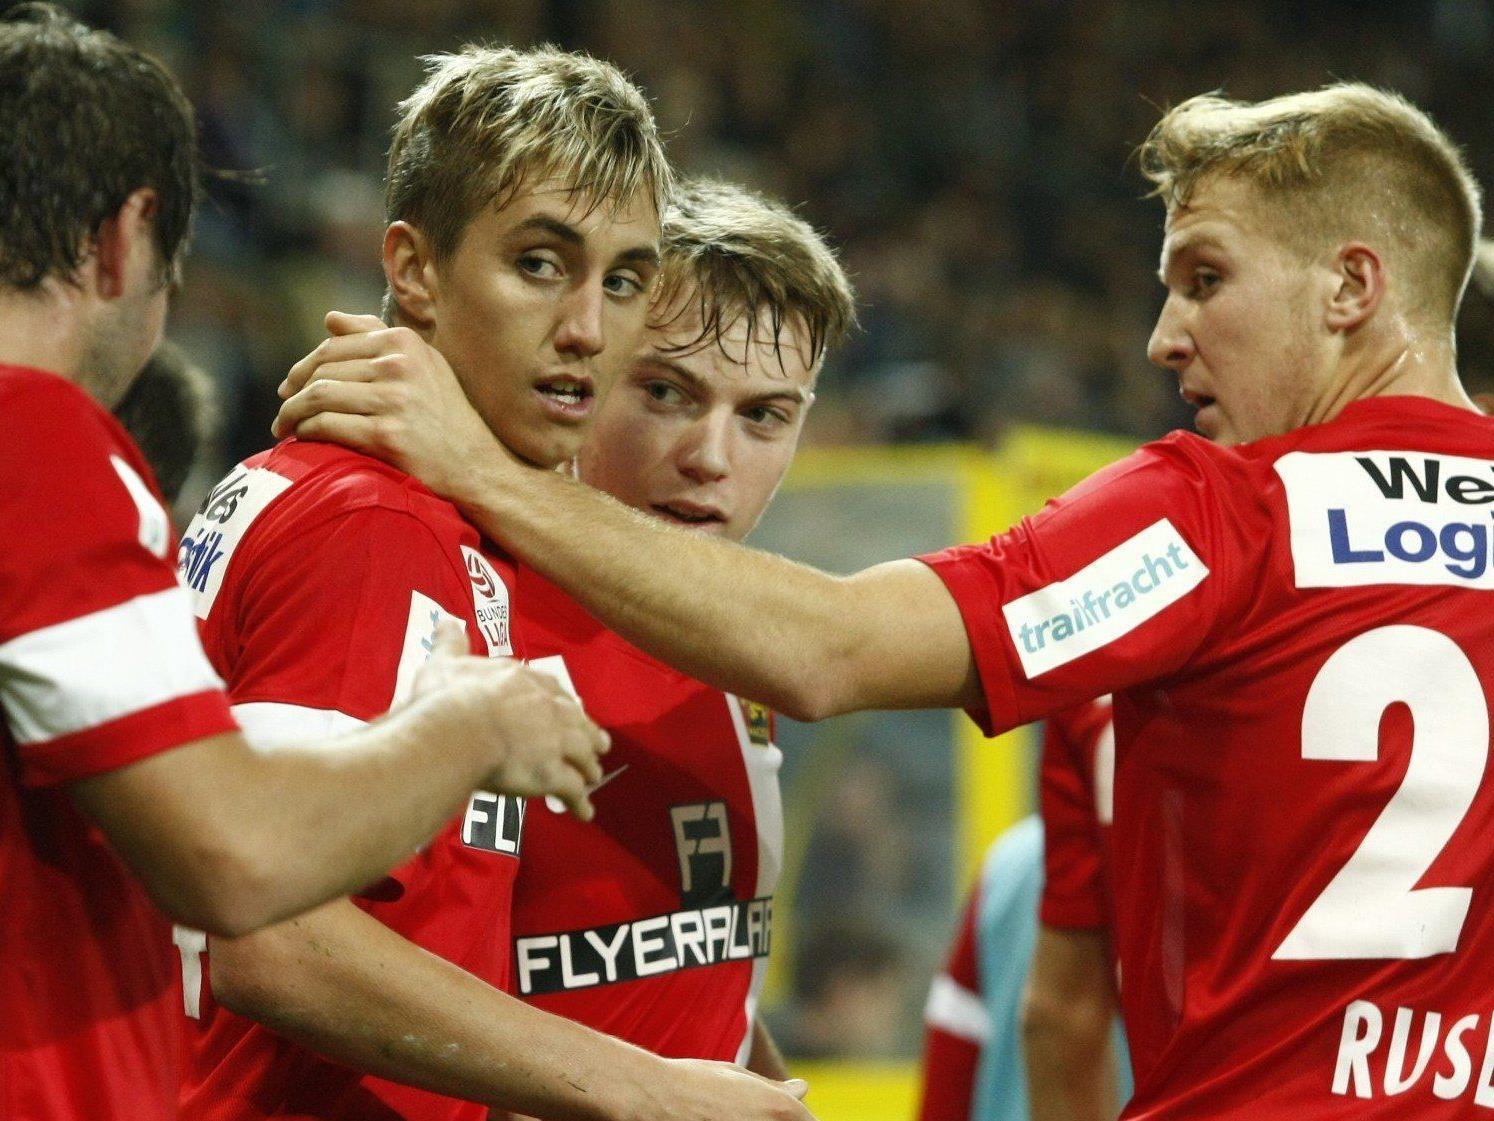 LIVE: Wir berichten ab 19.00 Uhr live vom Spiel FC Admira Wacker Mödling gegen Red Bull Salzburg im Ticker.